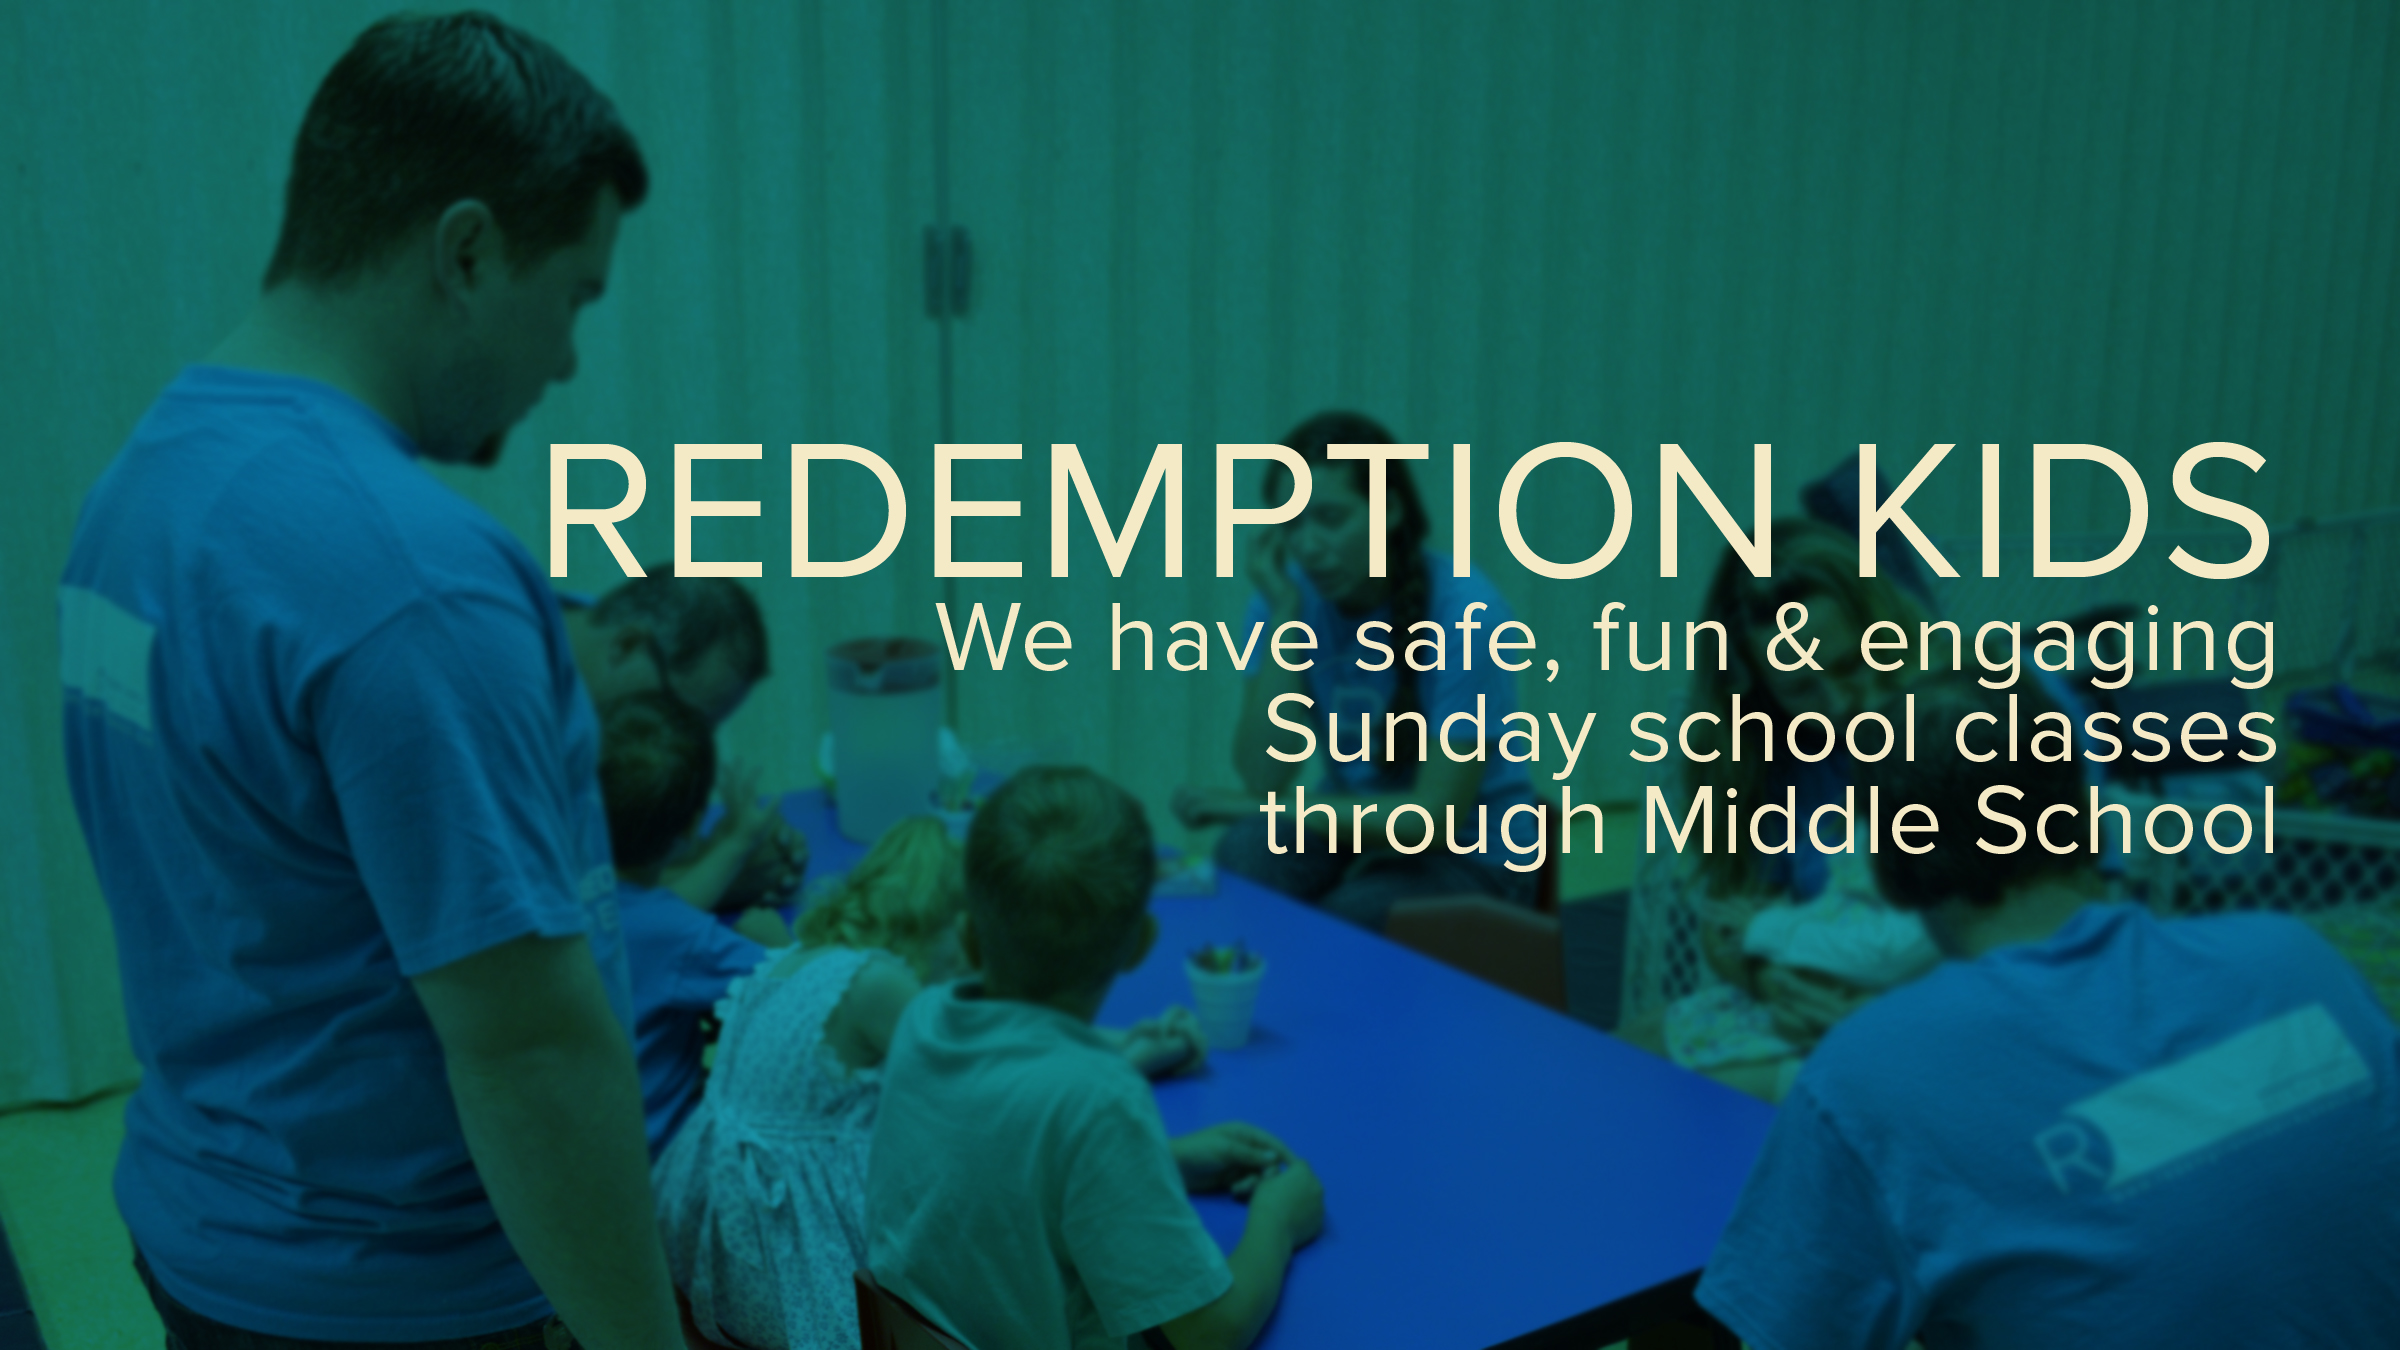 redemption kids 3.jpg